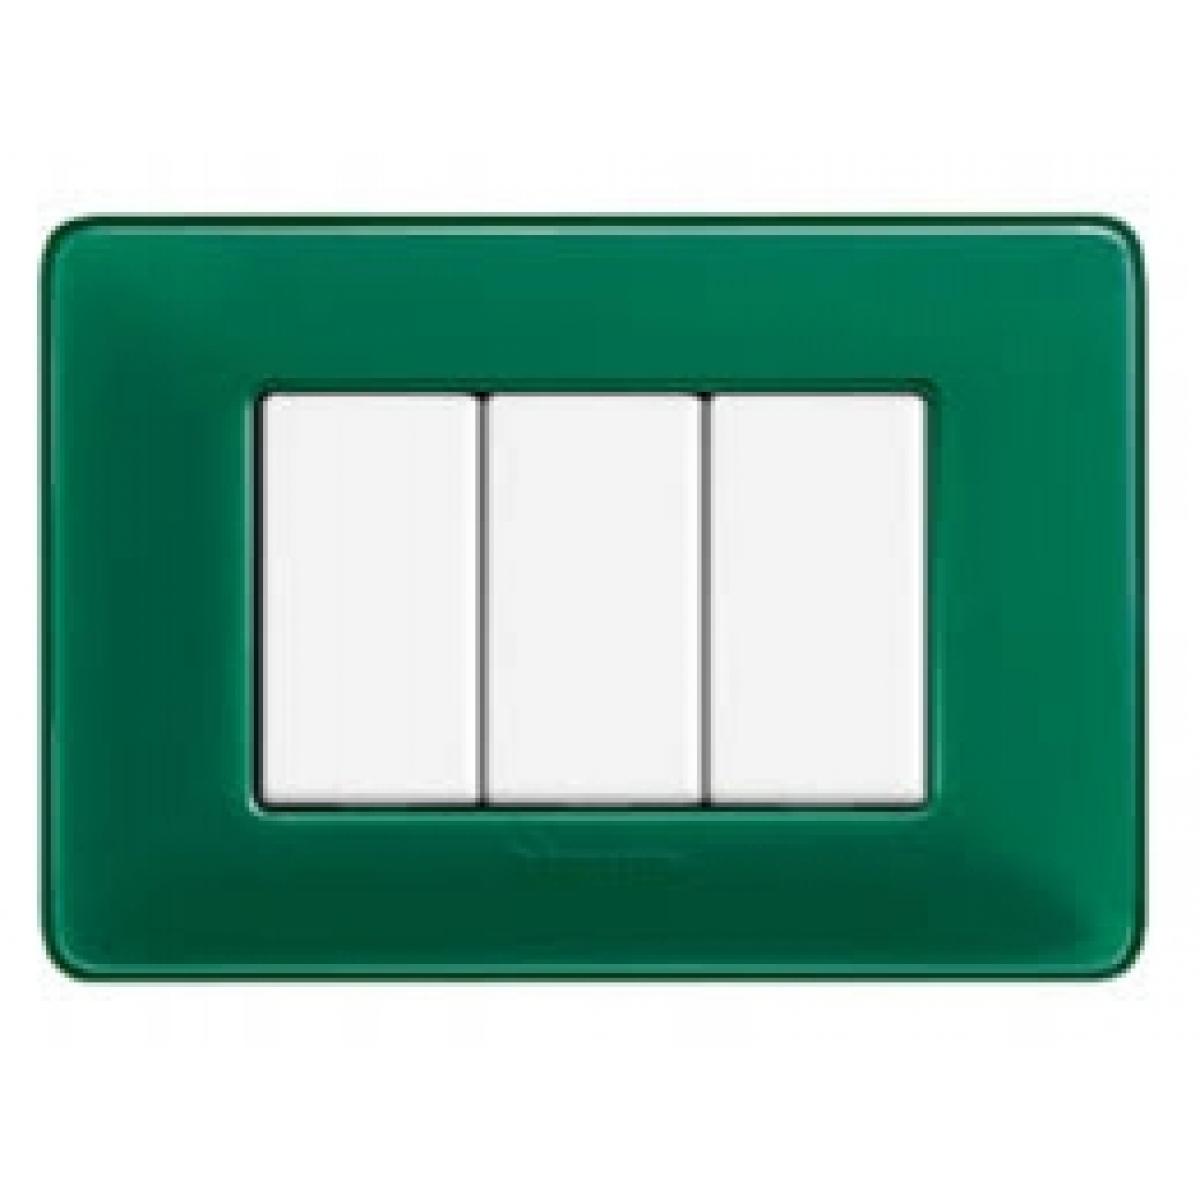 Placca 3 Moduli Smeraldo Bticino Matix AM4803CVS